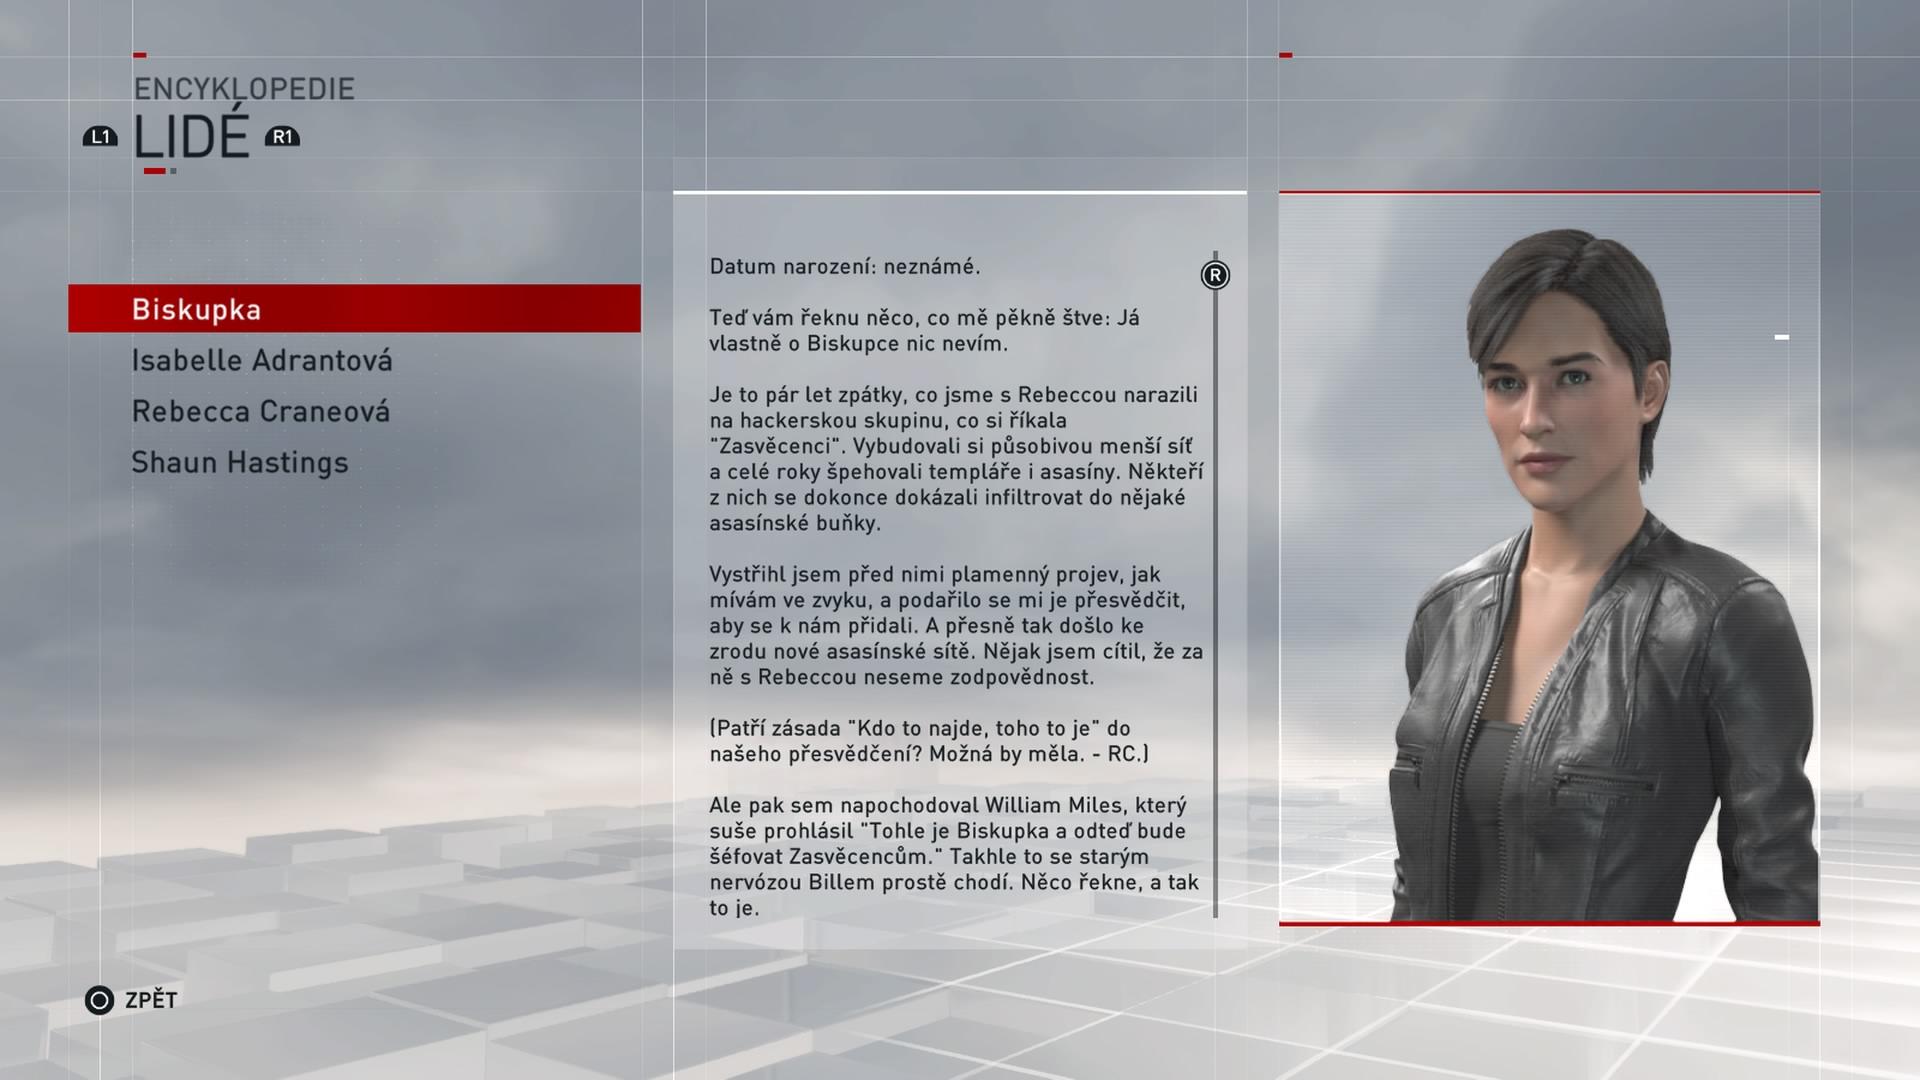 Čeština v Assassin's Creed: Syndicate je kompletní 115340